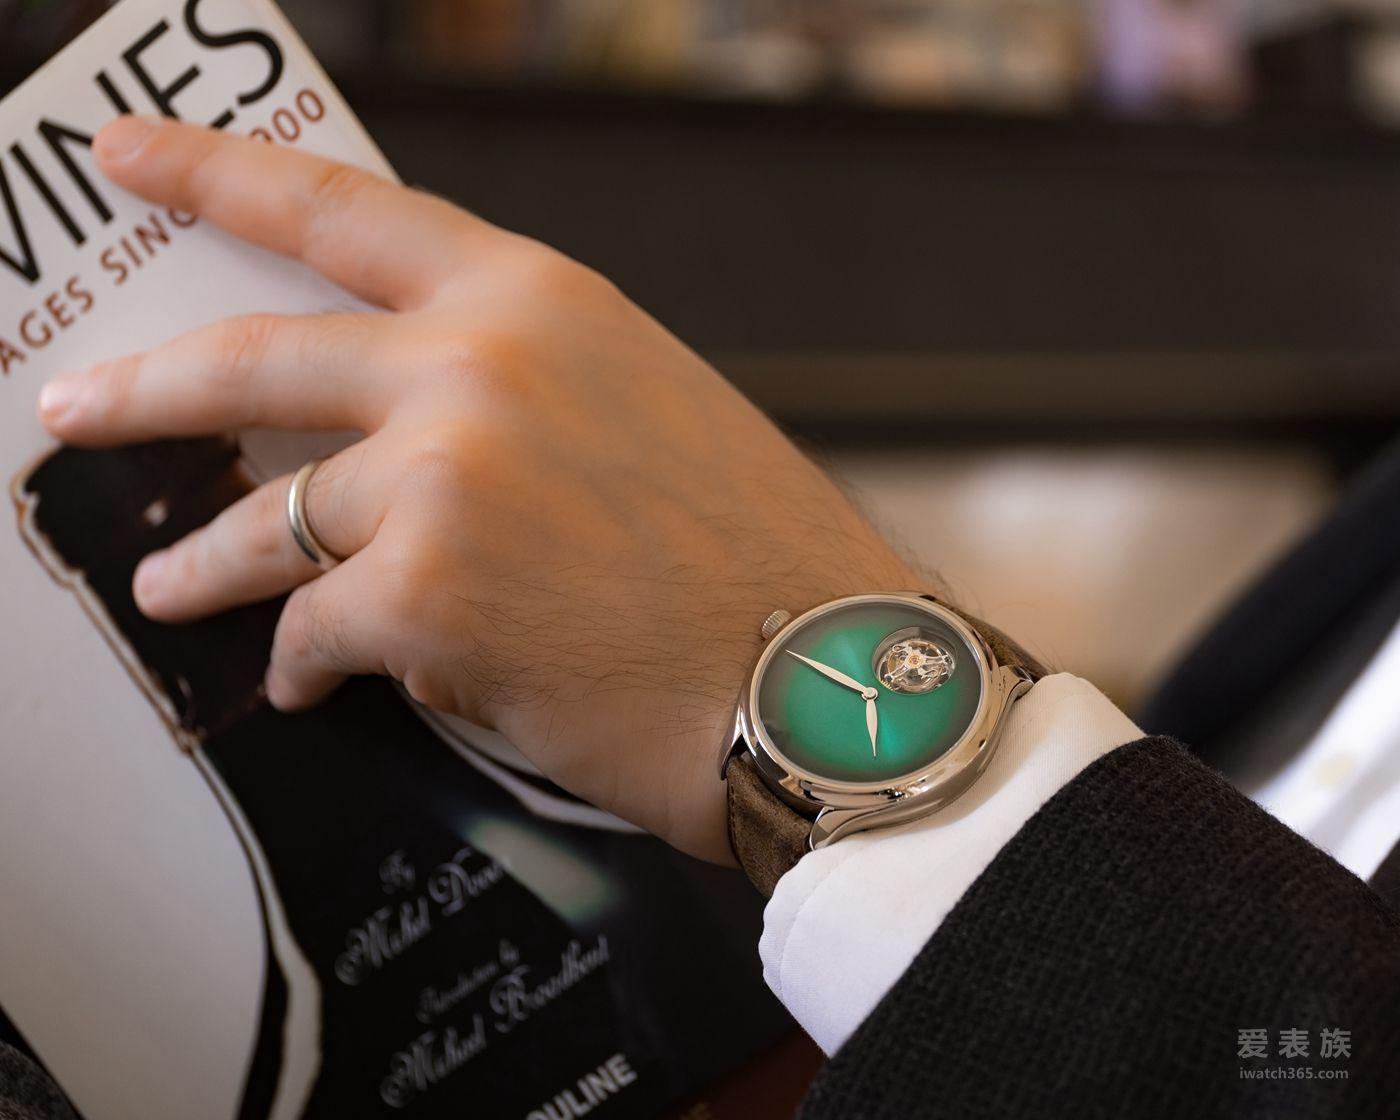 亨利慕时勇创者陀飞轮宇宙绿概念腕表